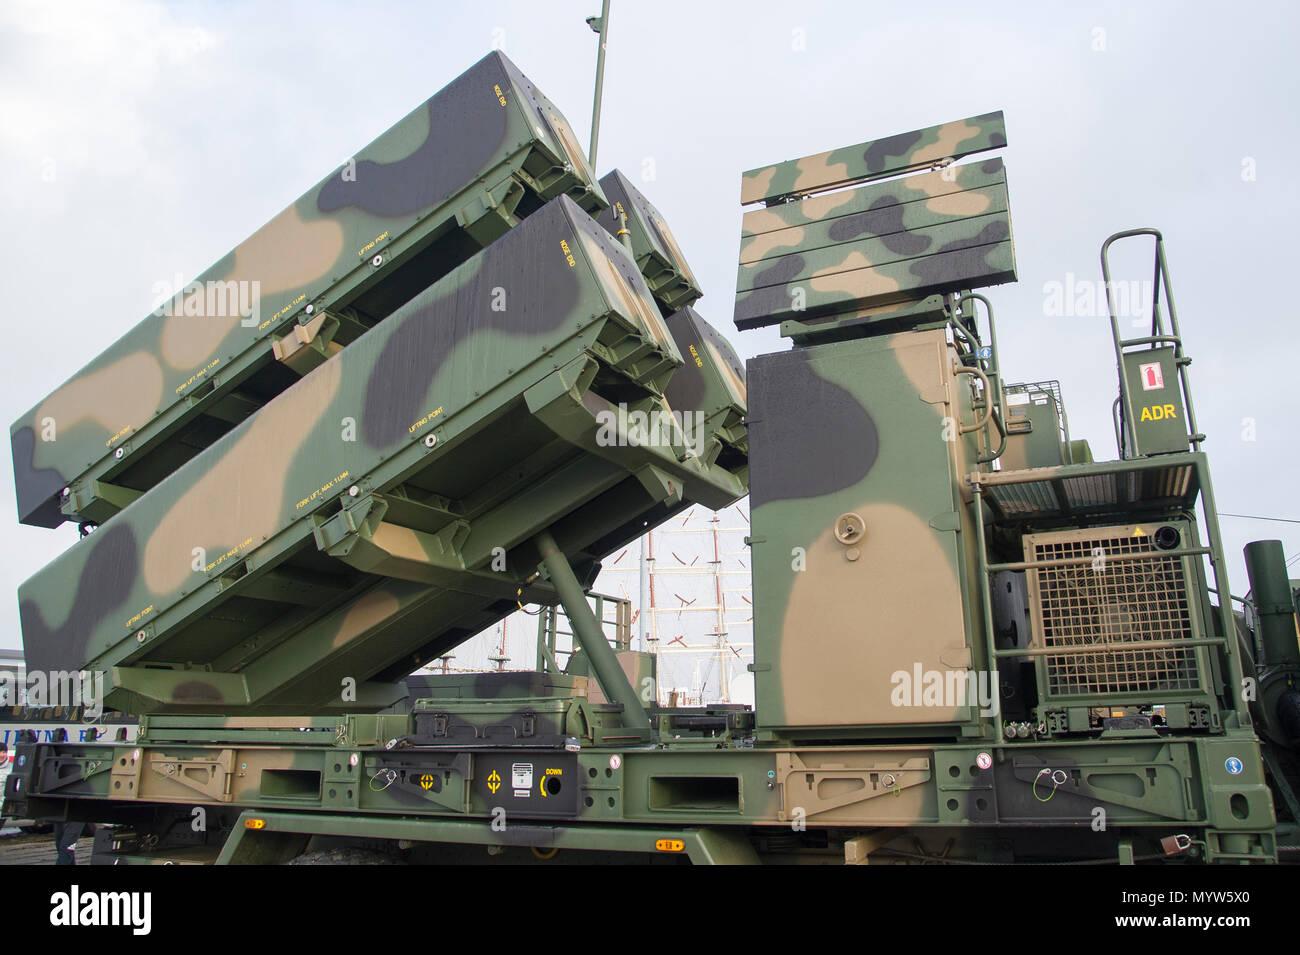 Ein anti-schiff und an Land Attack missile Naval Strike Rakete (NSM) entwickelt, die von der norwegischen Firma Kongsberg Defence & Aerospace (KDA), durch Coasta verwendet Stockfoto